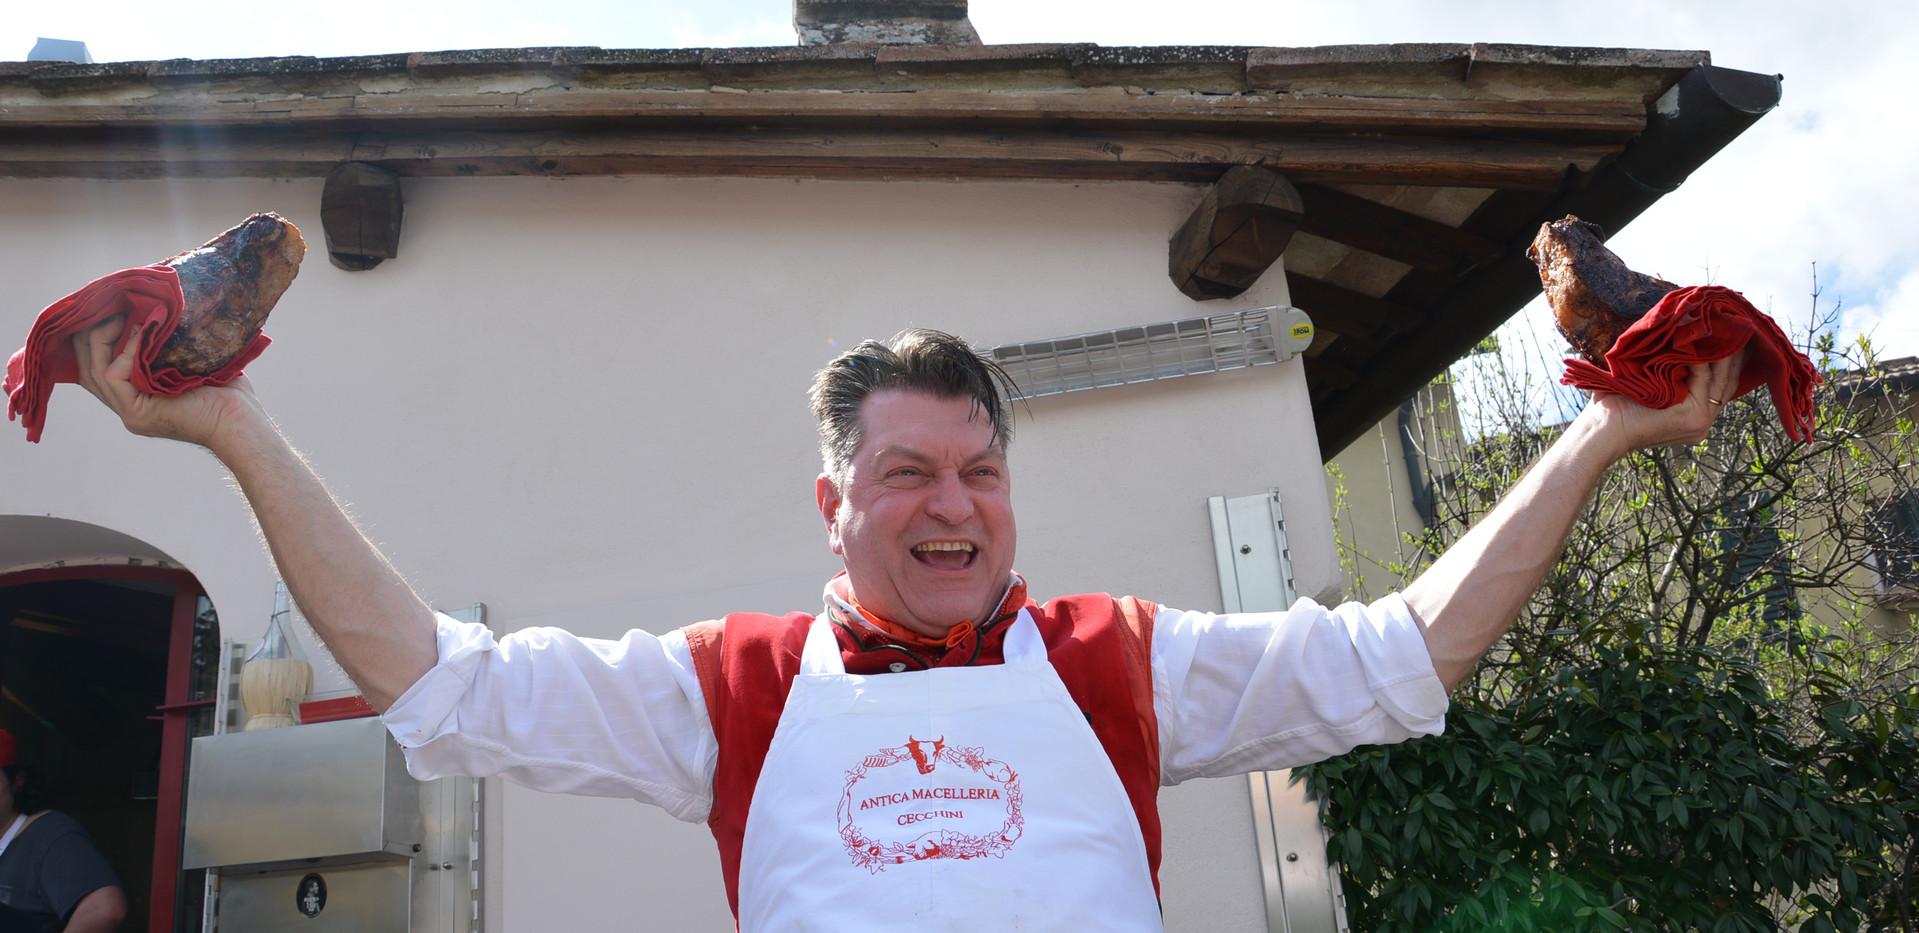 Tour Chianti and have an amazing lunch with Bistecca alla Fiorentina at Dario Cecchini